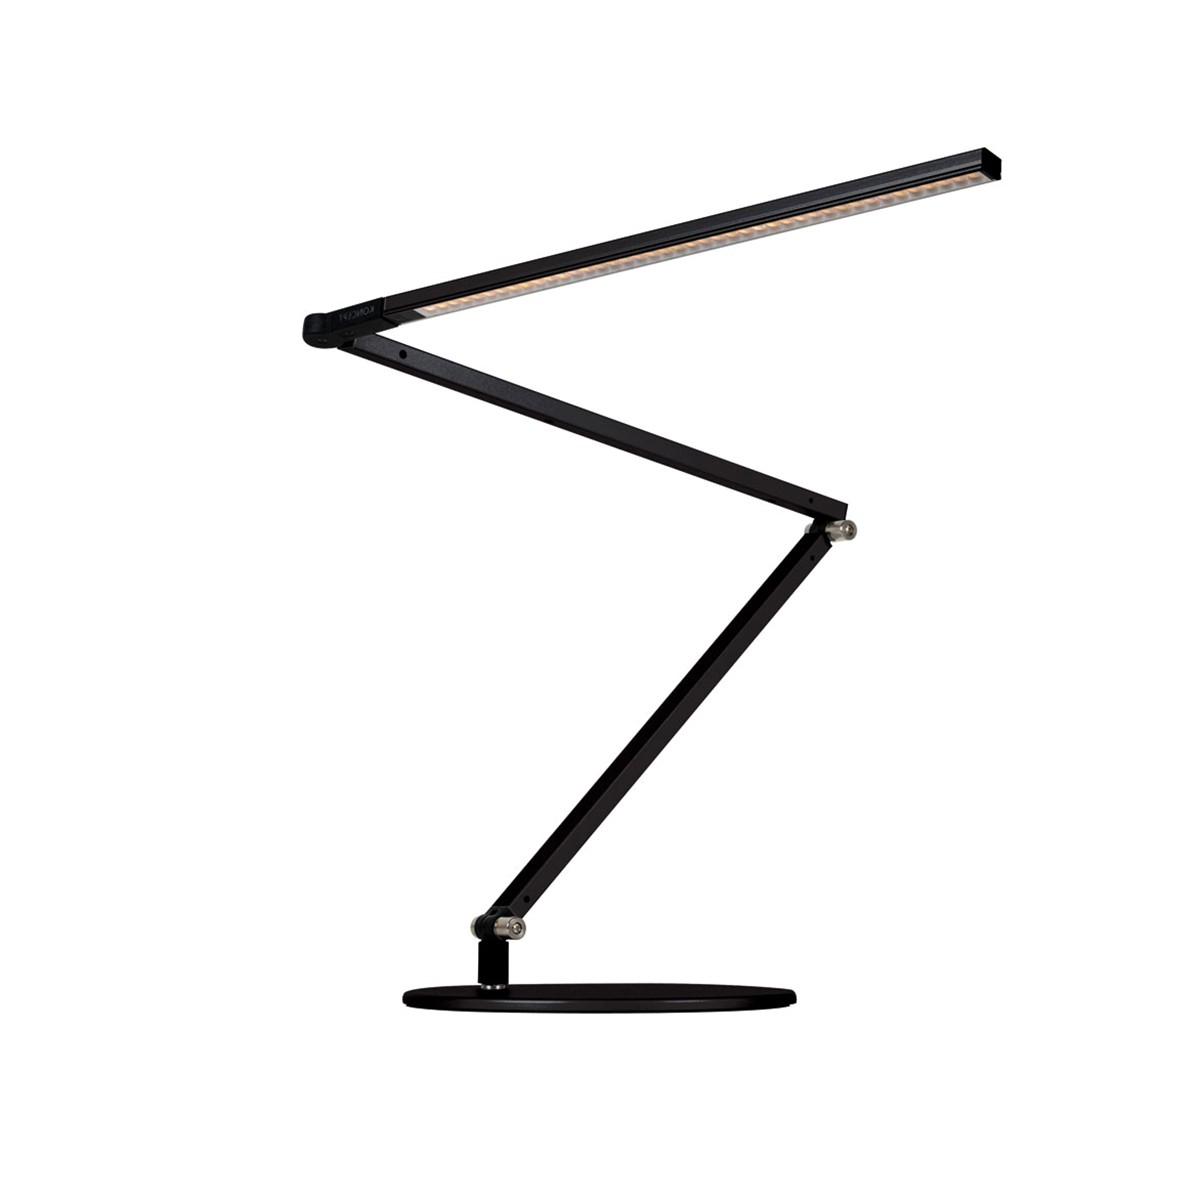 BellXpress Z-Bar Tischleuchte, schwarz